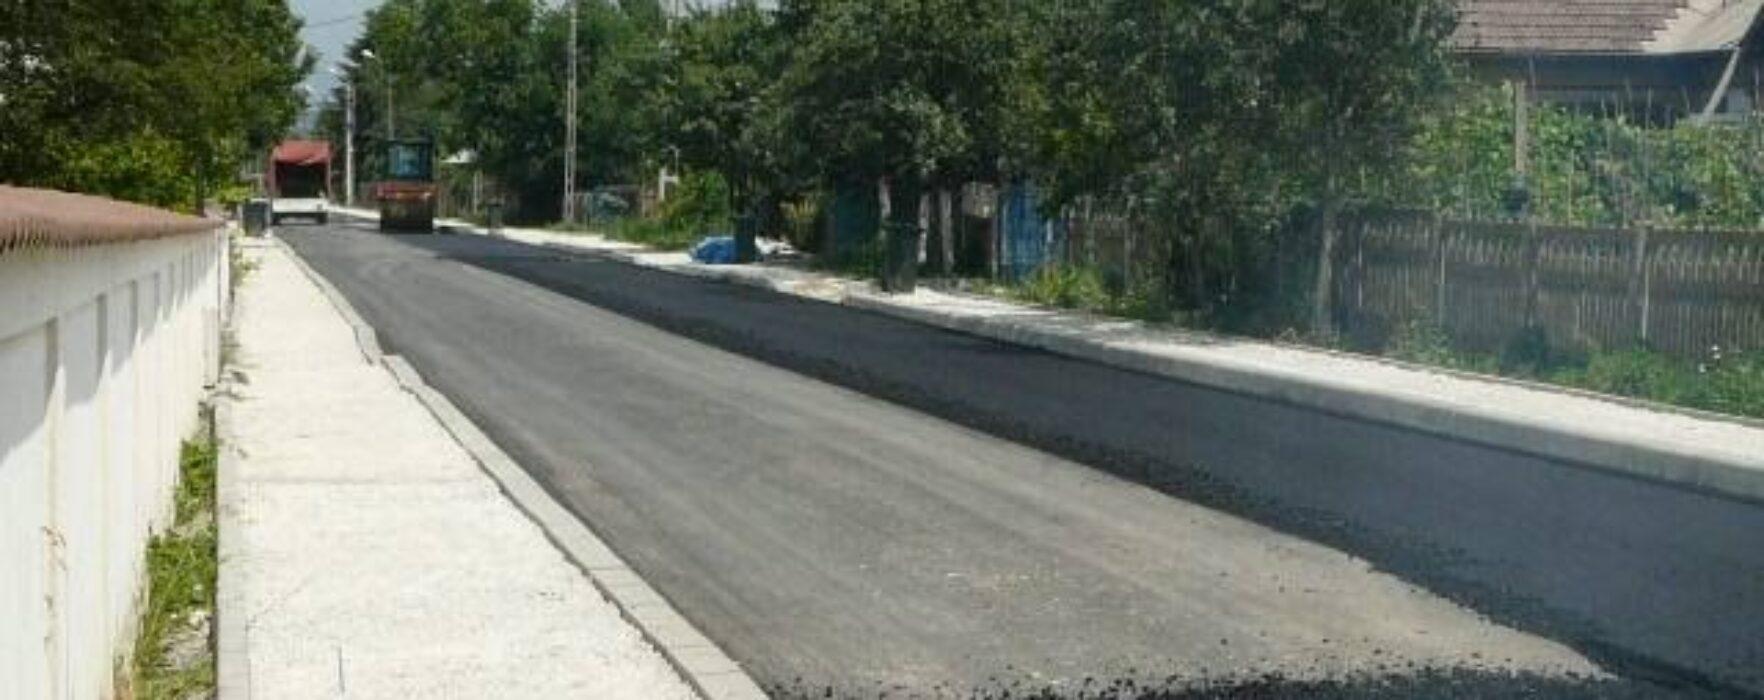 Dâmboviţa: Patru drumuri judeţene vor fi modernizate cu bani europeni; investiţia e de peste 200 de milioane de lei